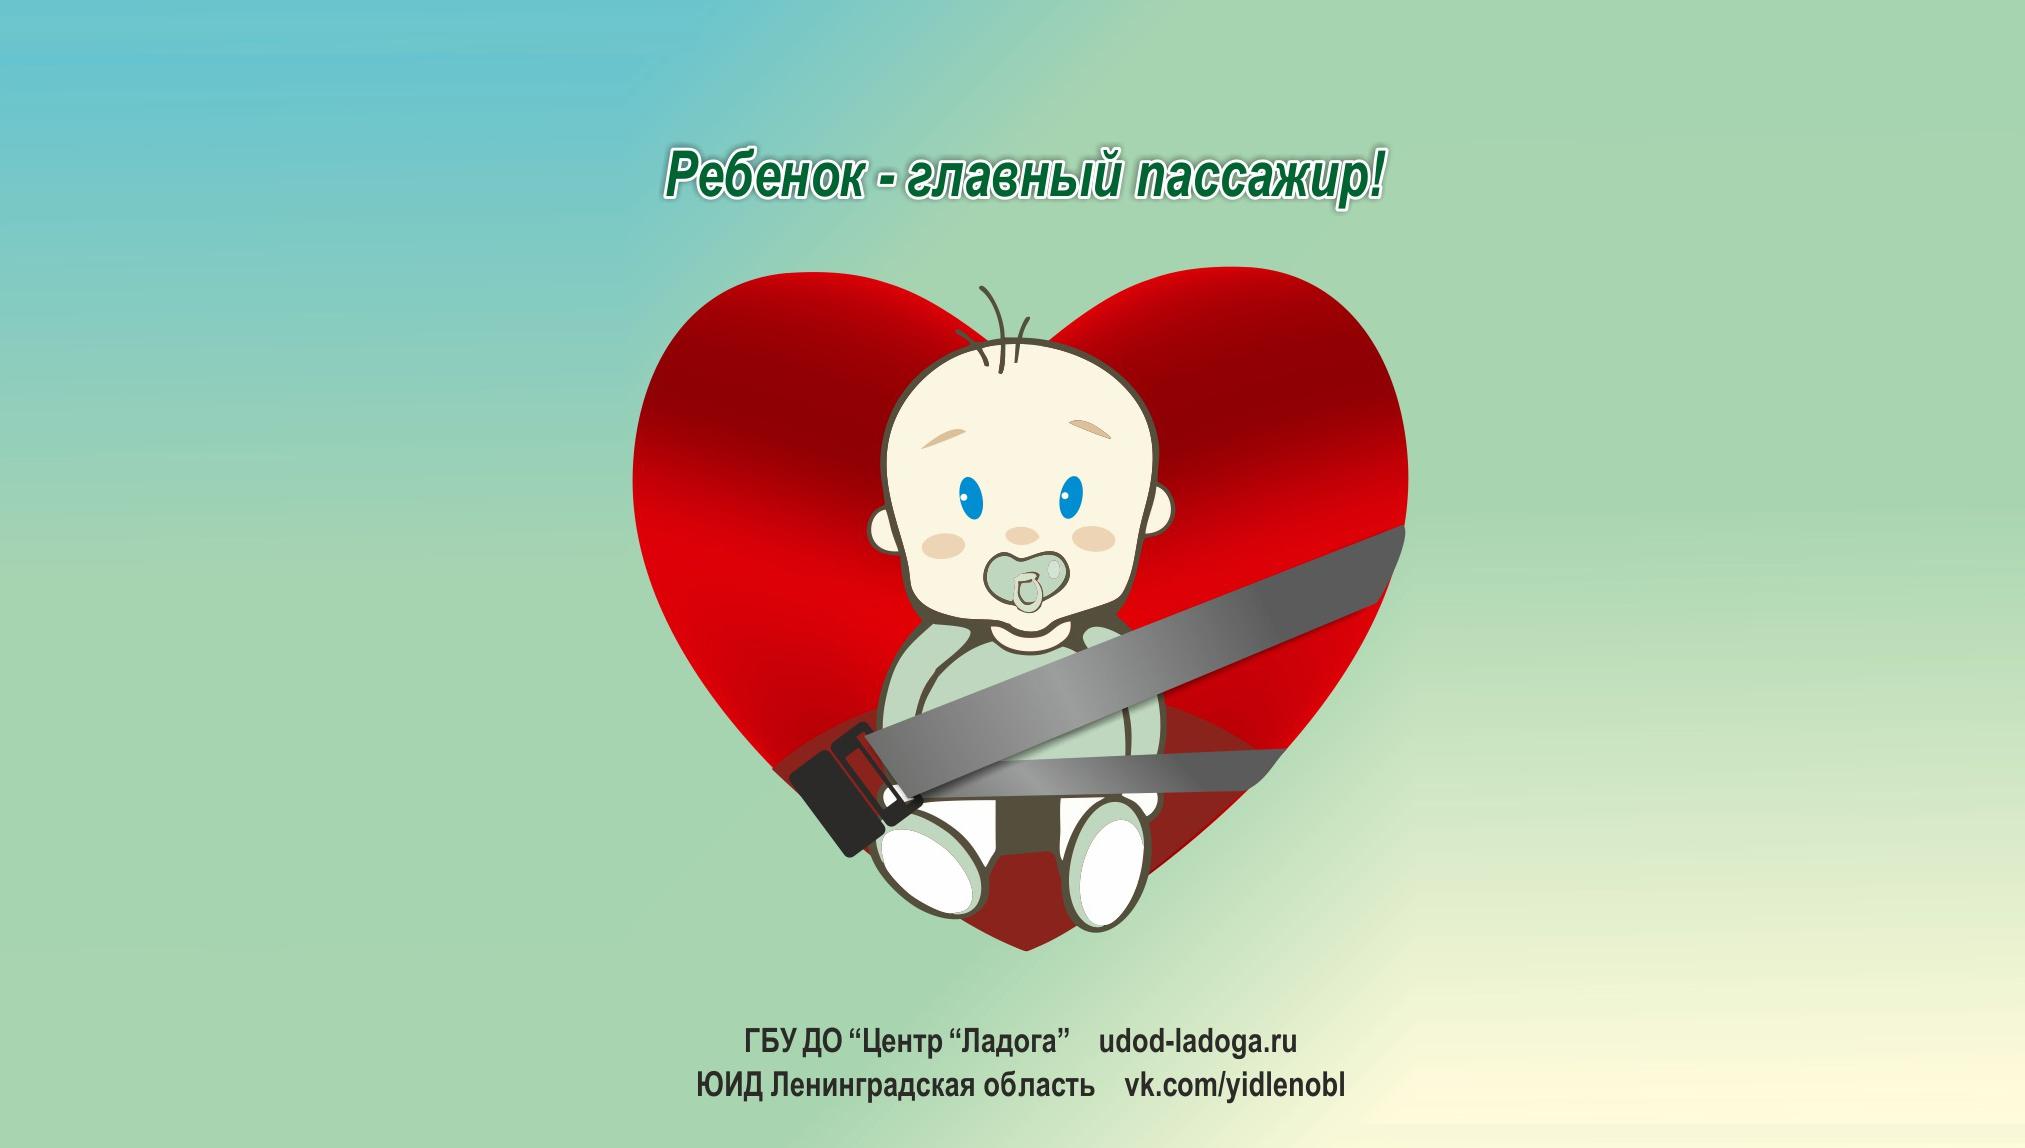 АНОНС! Региональная Акция по безопасности дорожного движения «Ребенок – главный пассажир».